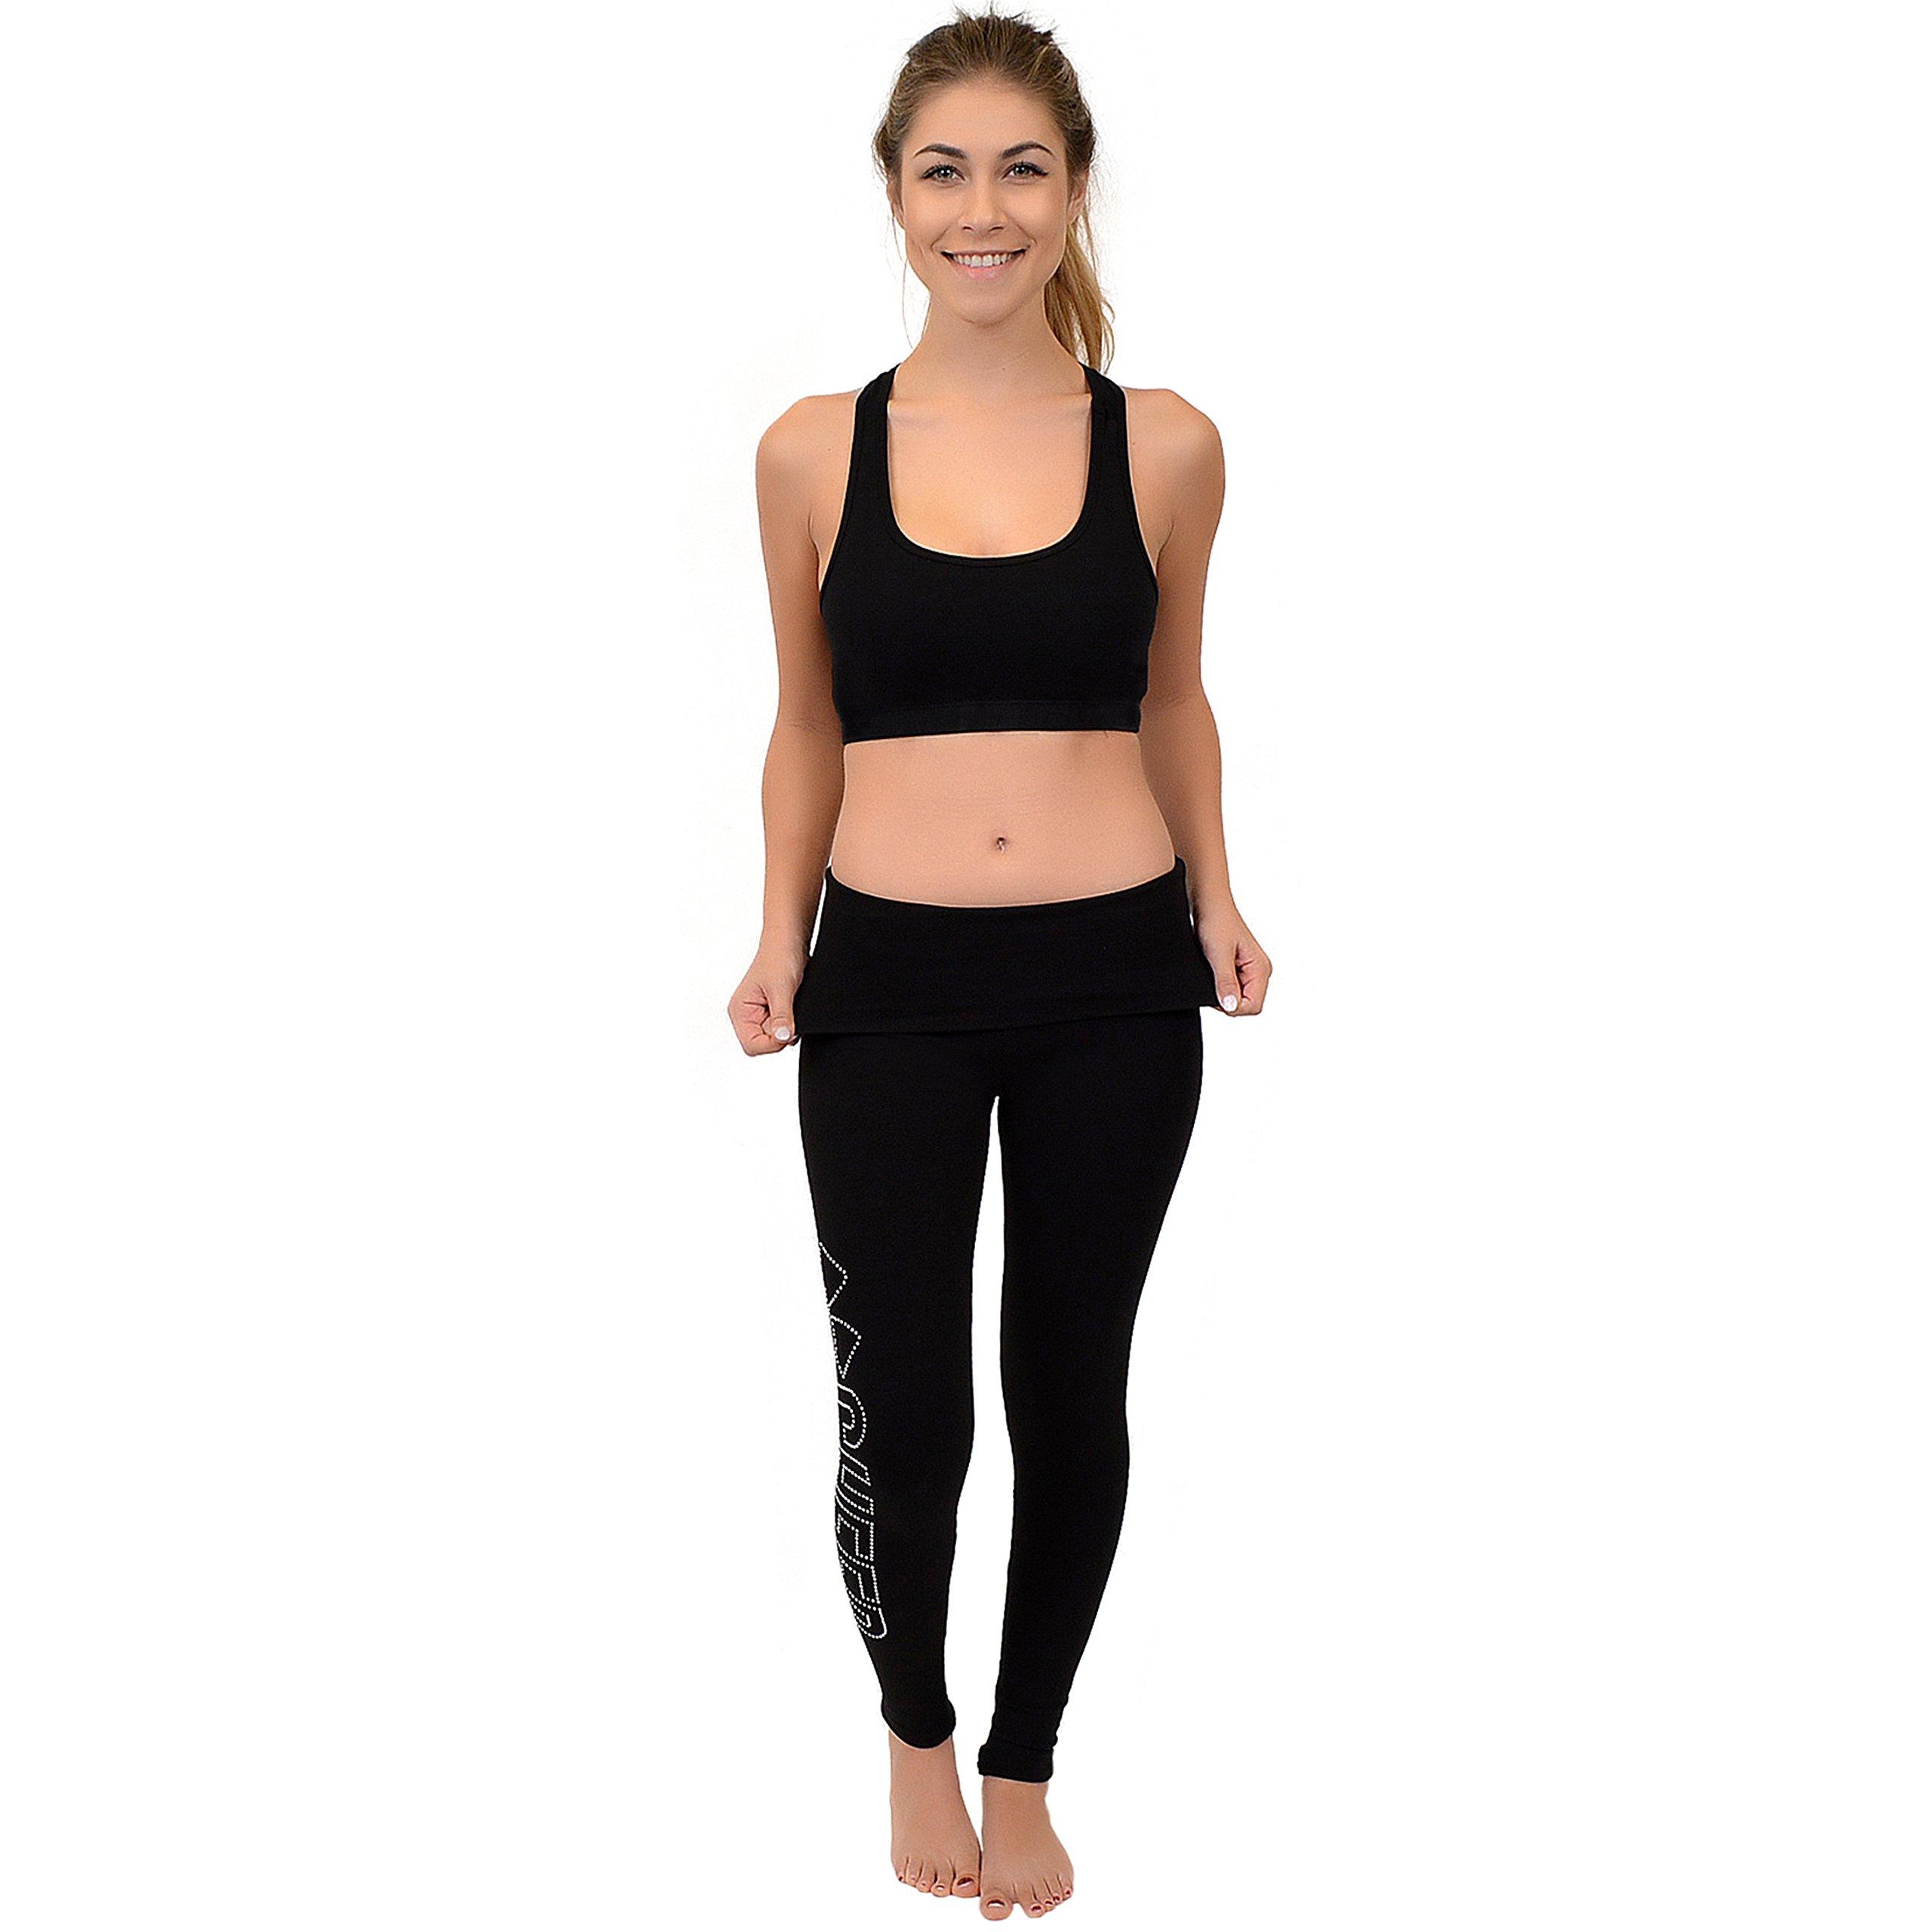 95dfb290c273e Amazon.com: Stretch Is Comfort: Leggings